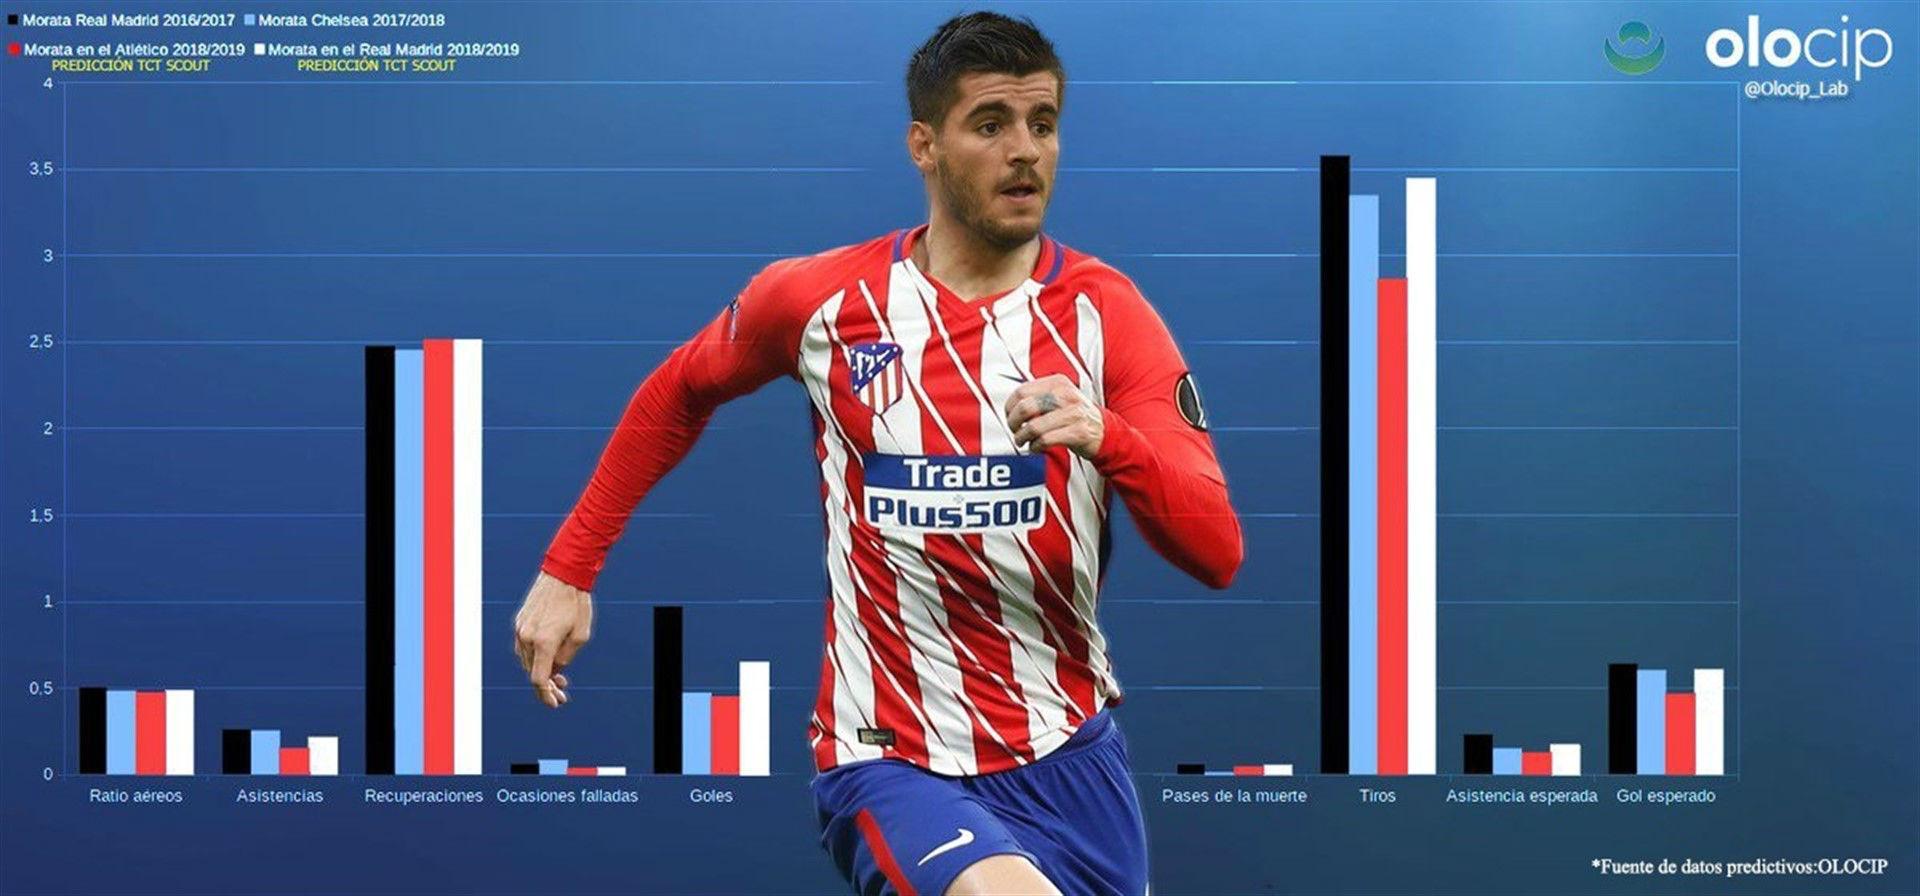 Álvaro Morata marcaría más goles en el Real Madrid actual que en el Atlético y superaría la media de Bale y Benzema